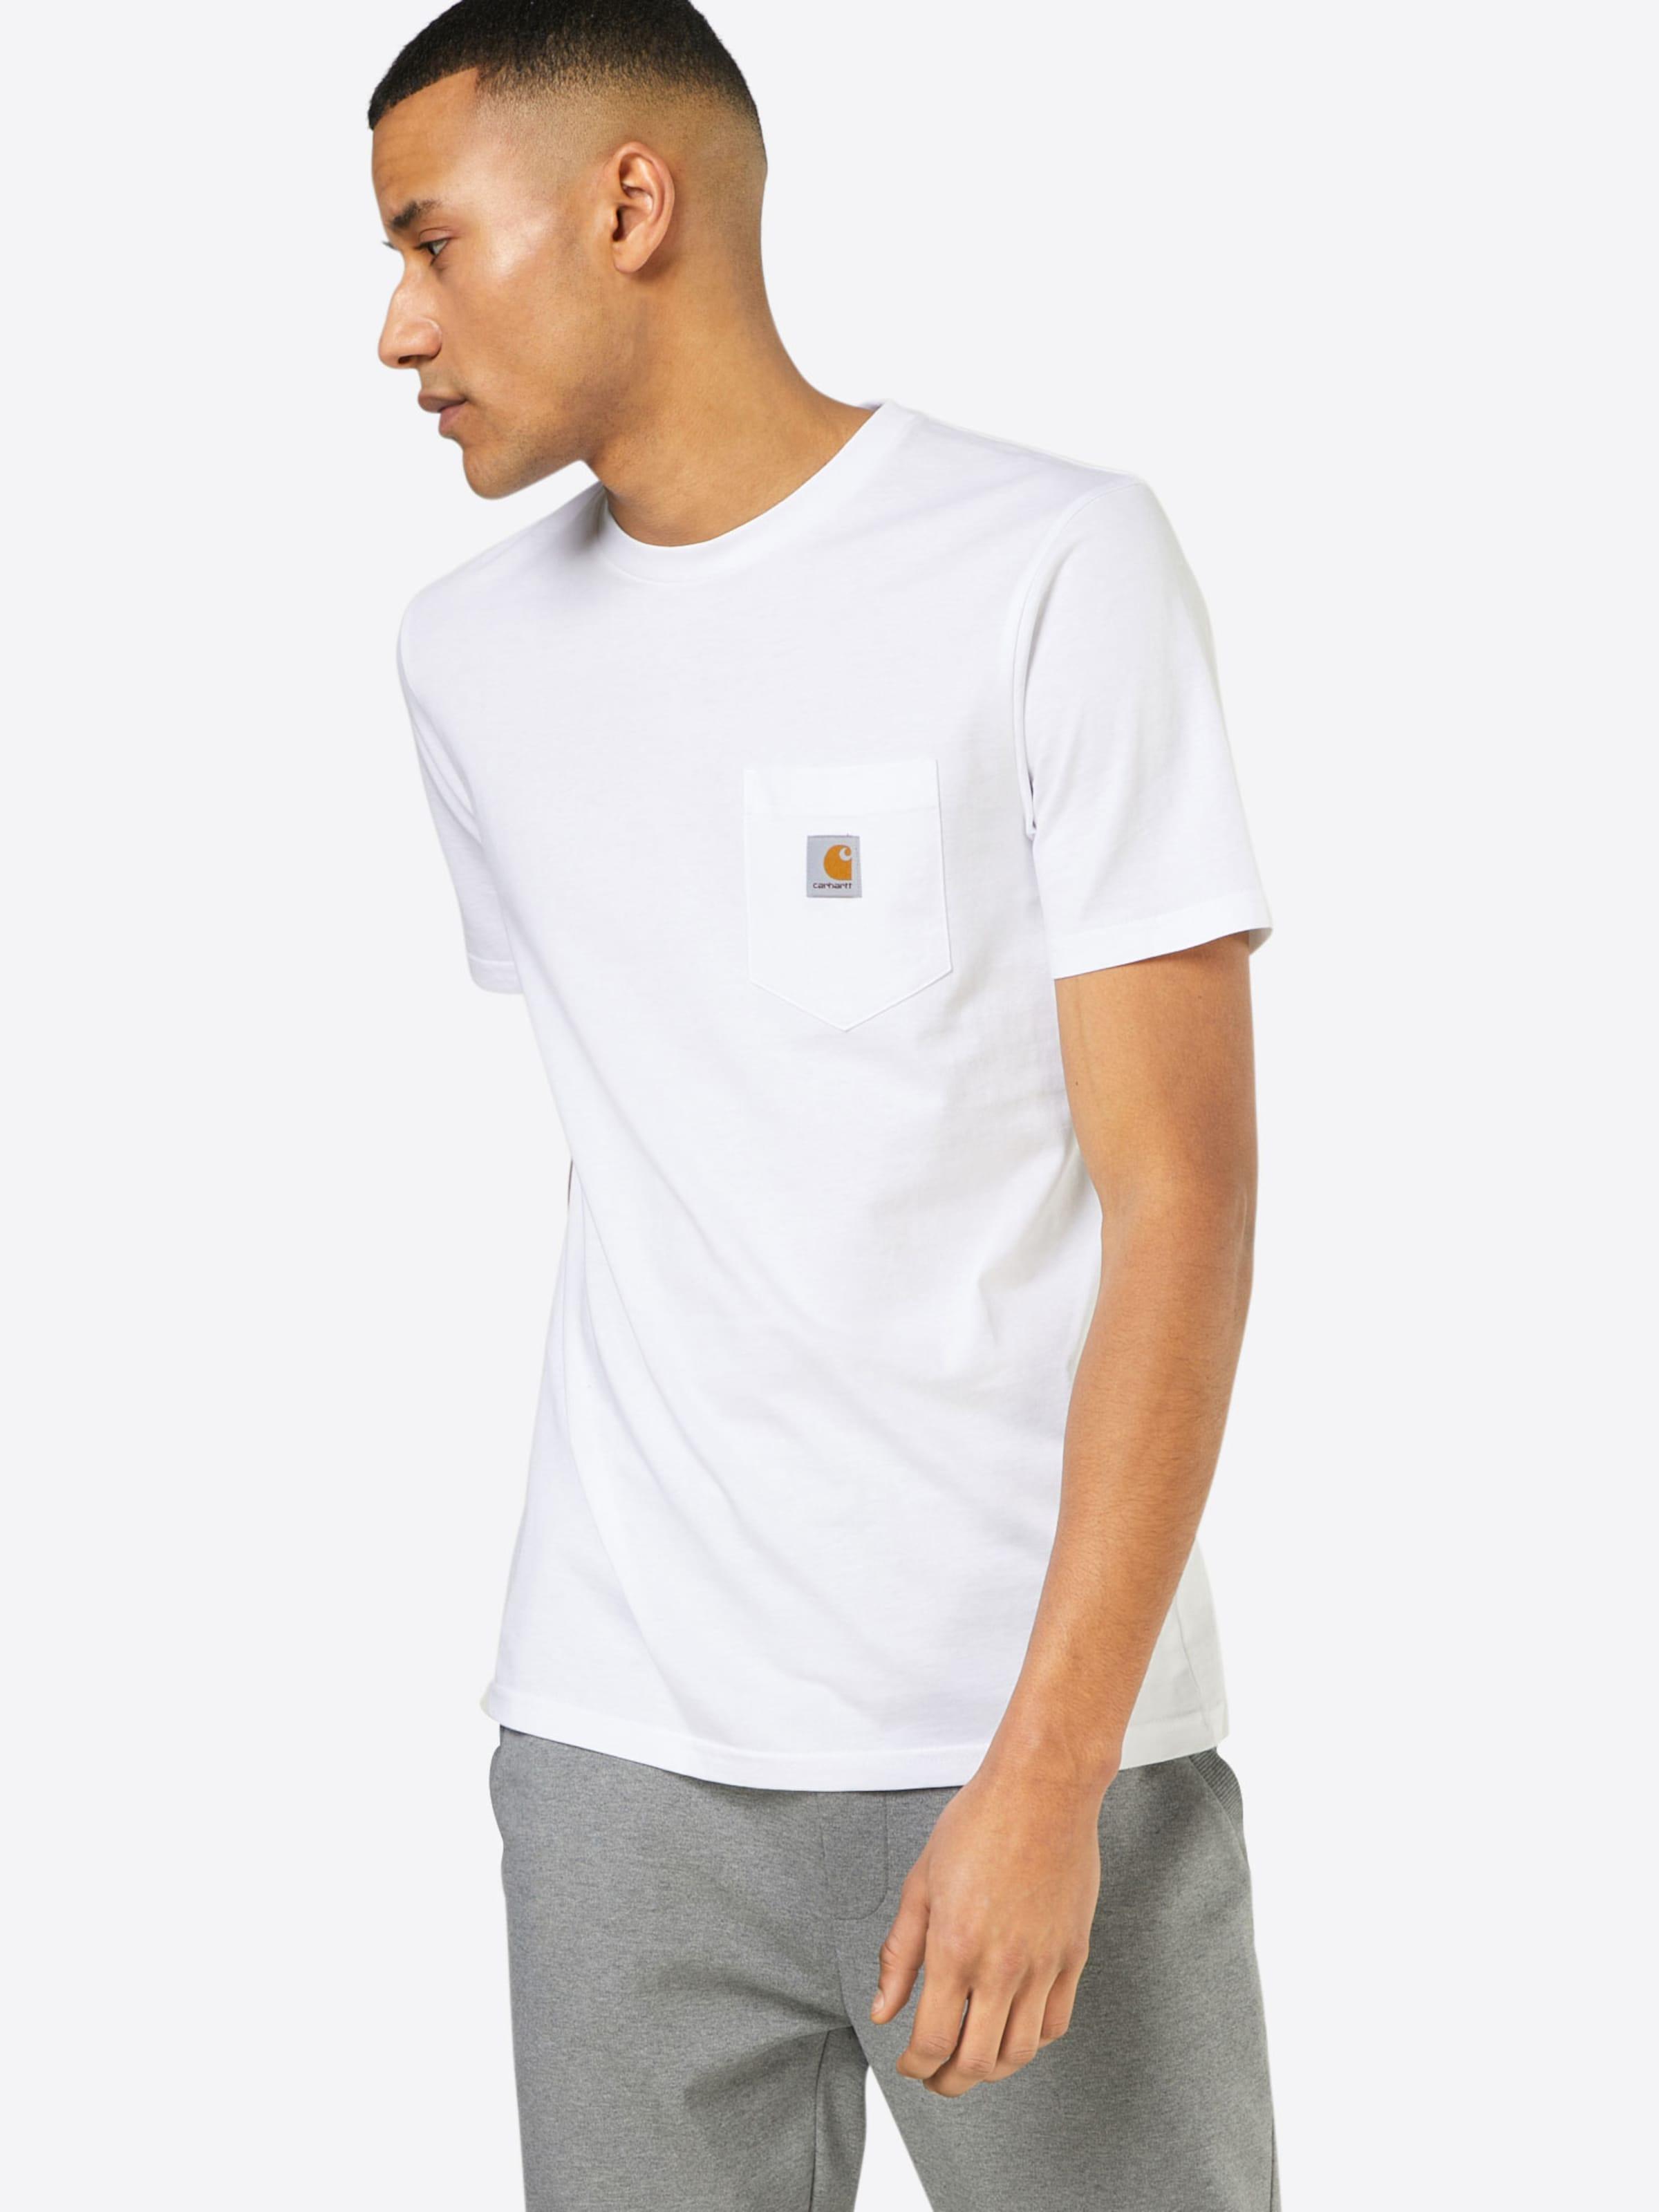 Spielraum Bestellen Carhartt WIP T-Shirt Angebote Günstig Online Spielraum Brandneue Unisex 95CBQVbj